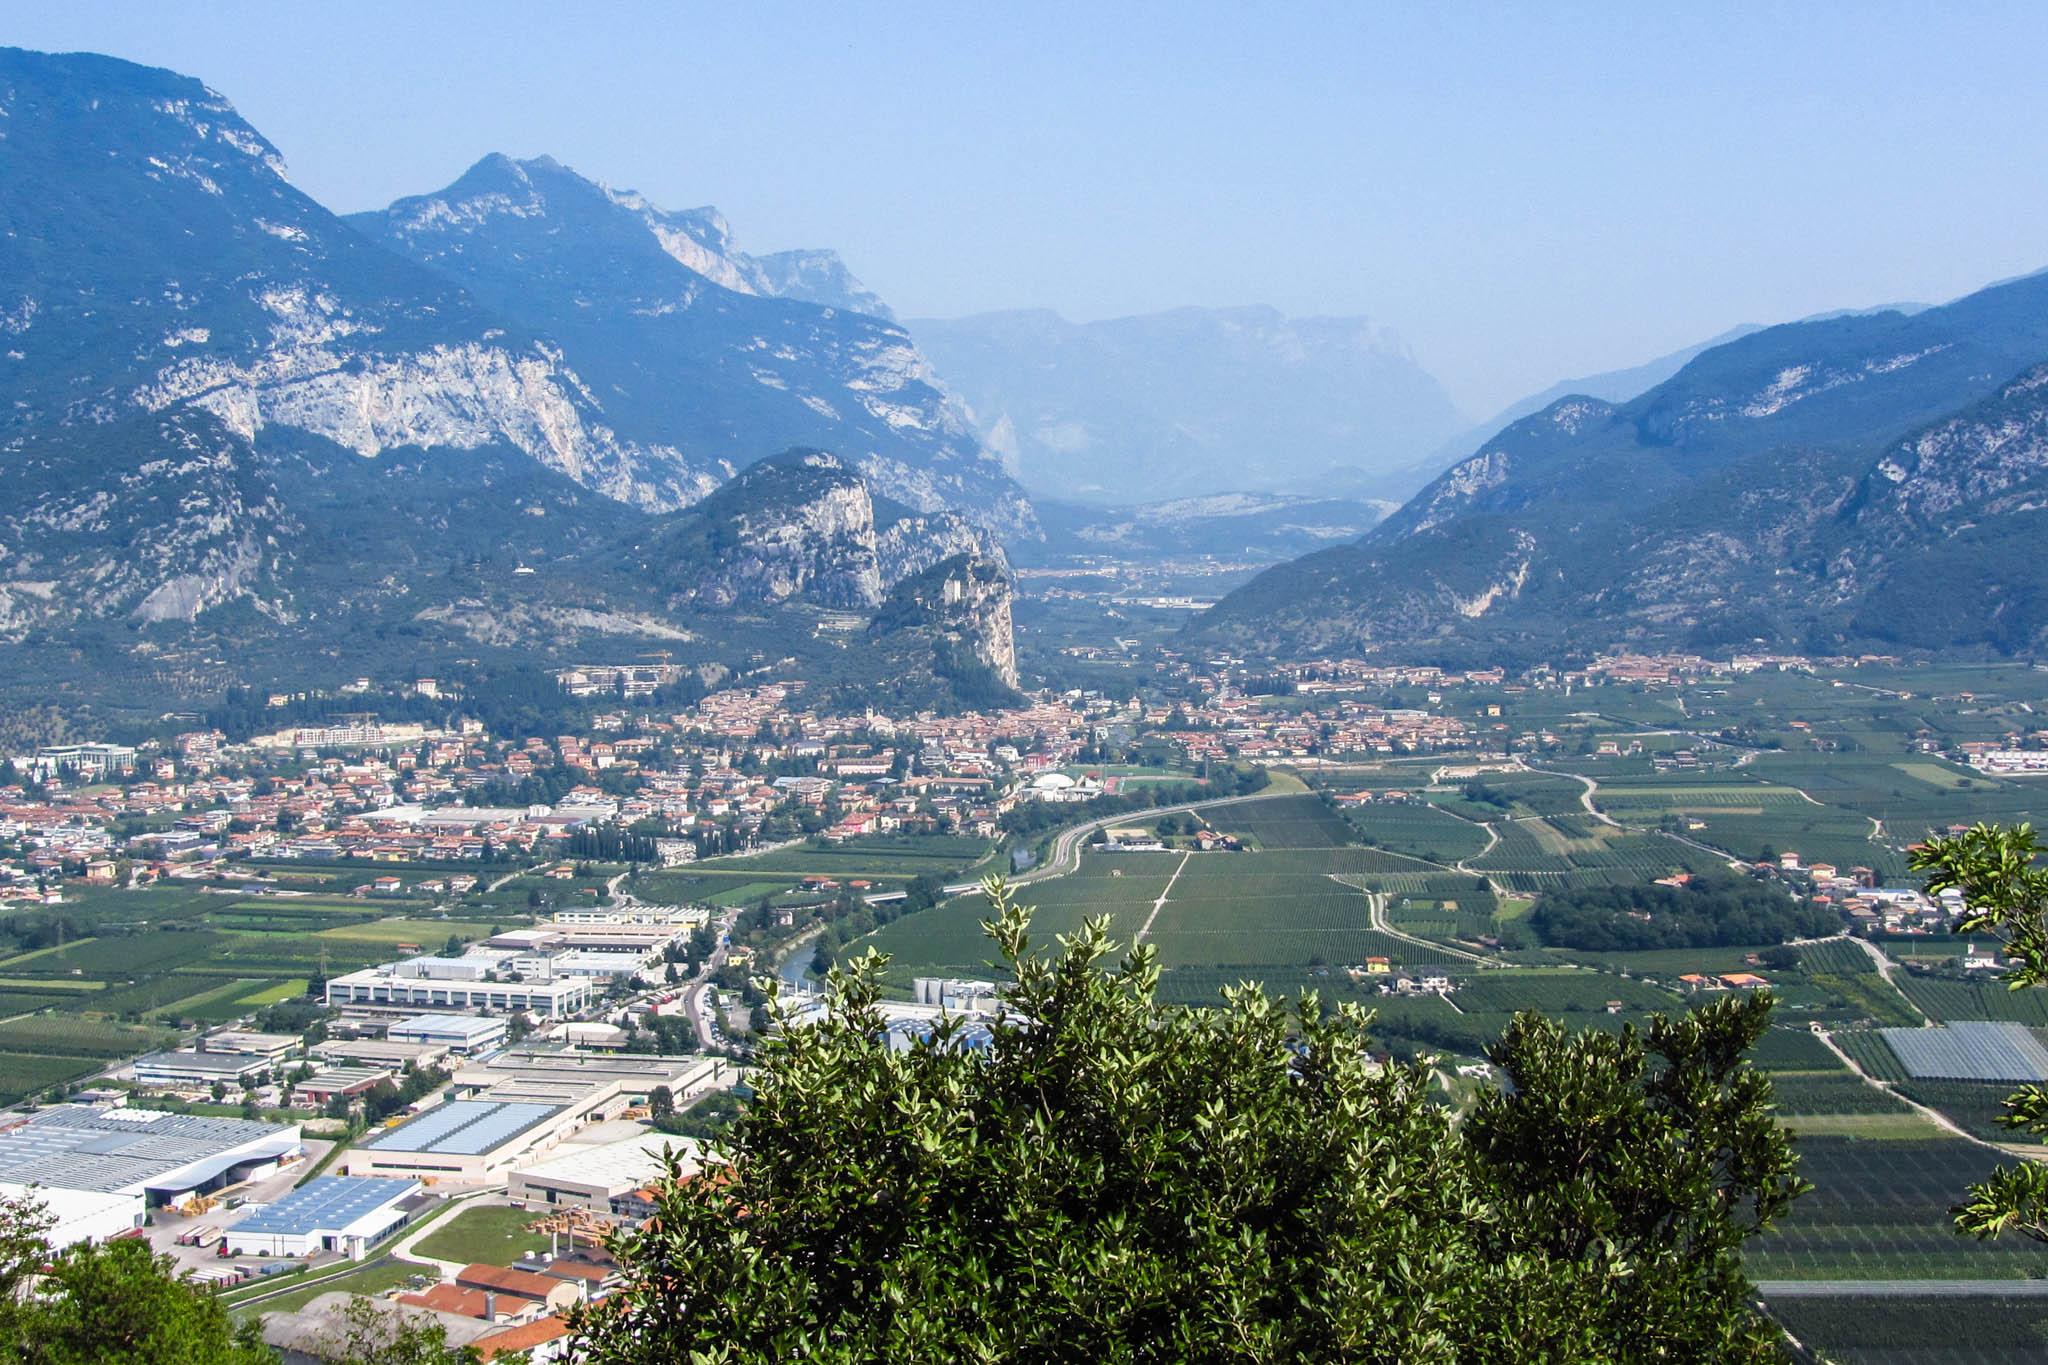 Blick vom Monte Brione auf das Sarcatal mit Arco und der Burg Arco